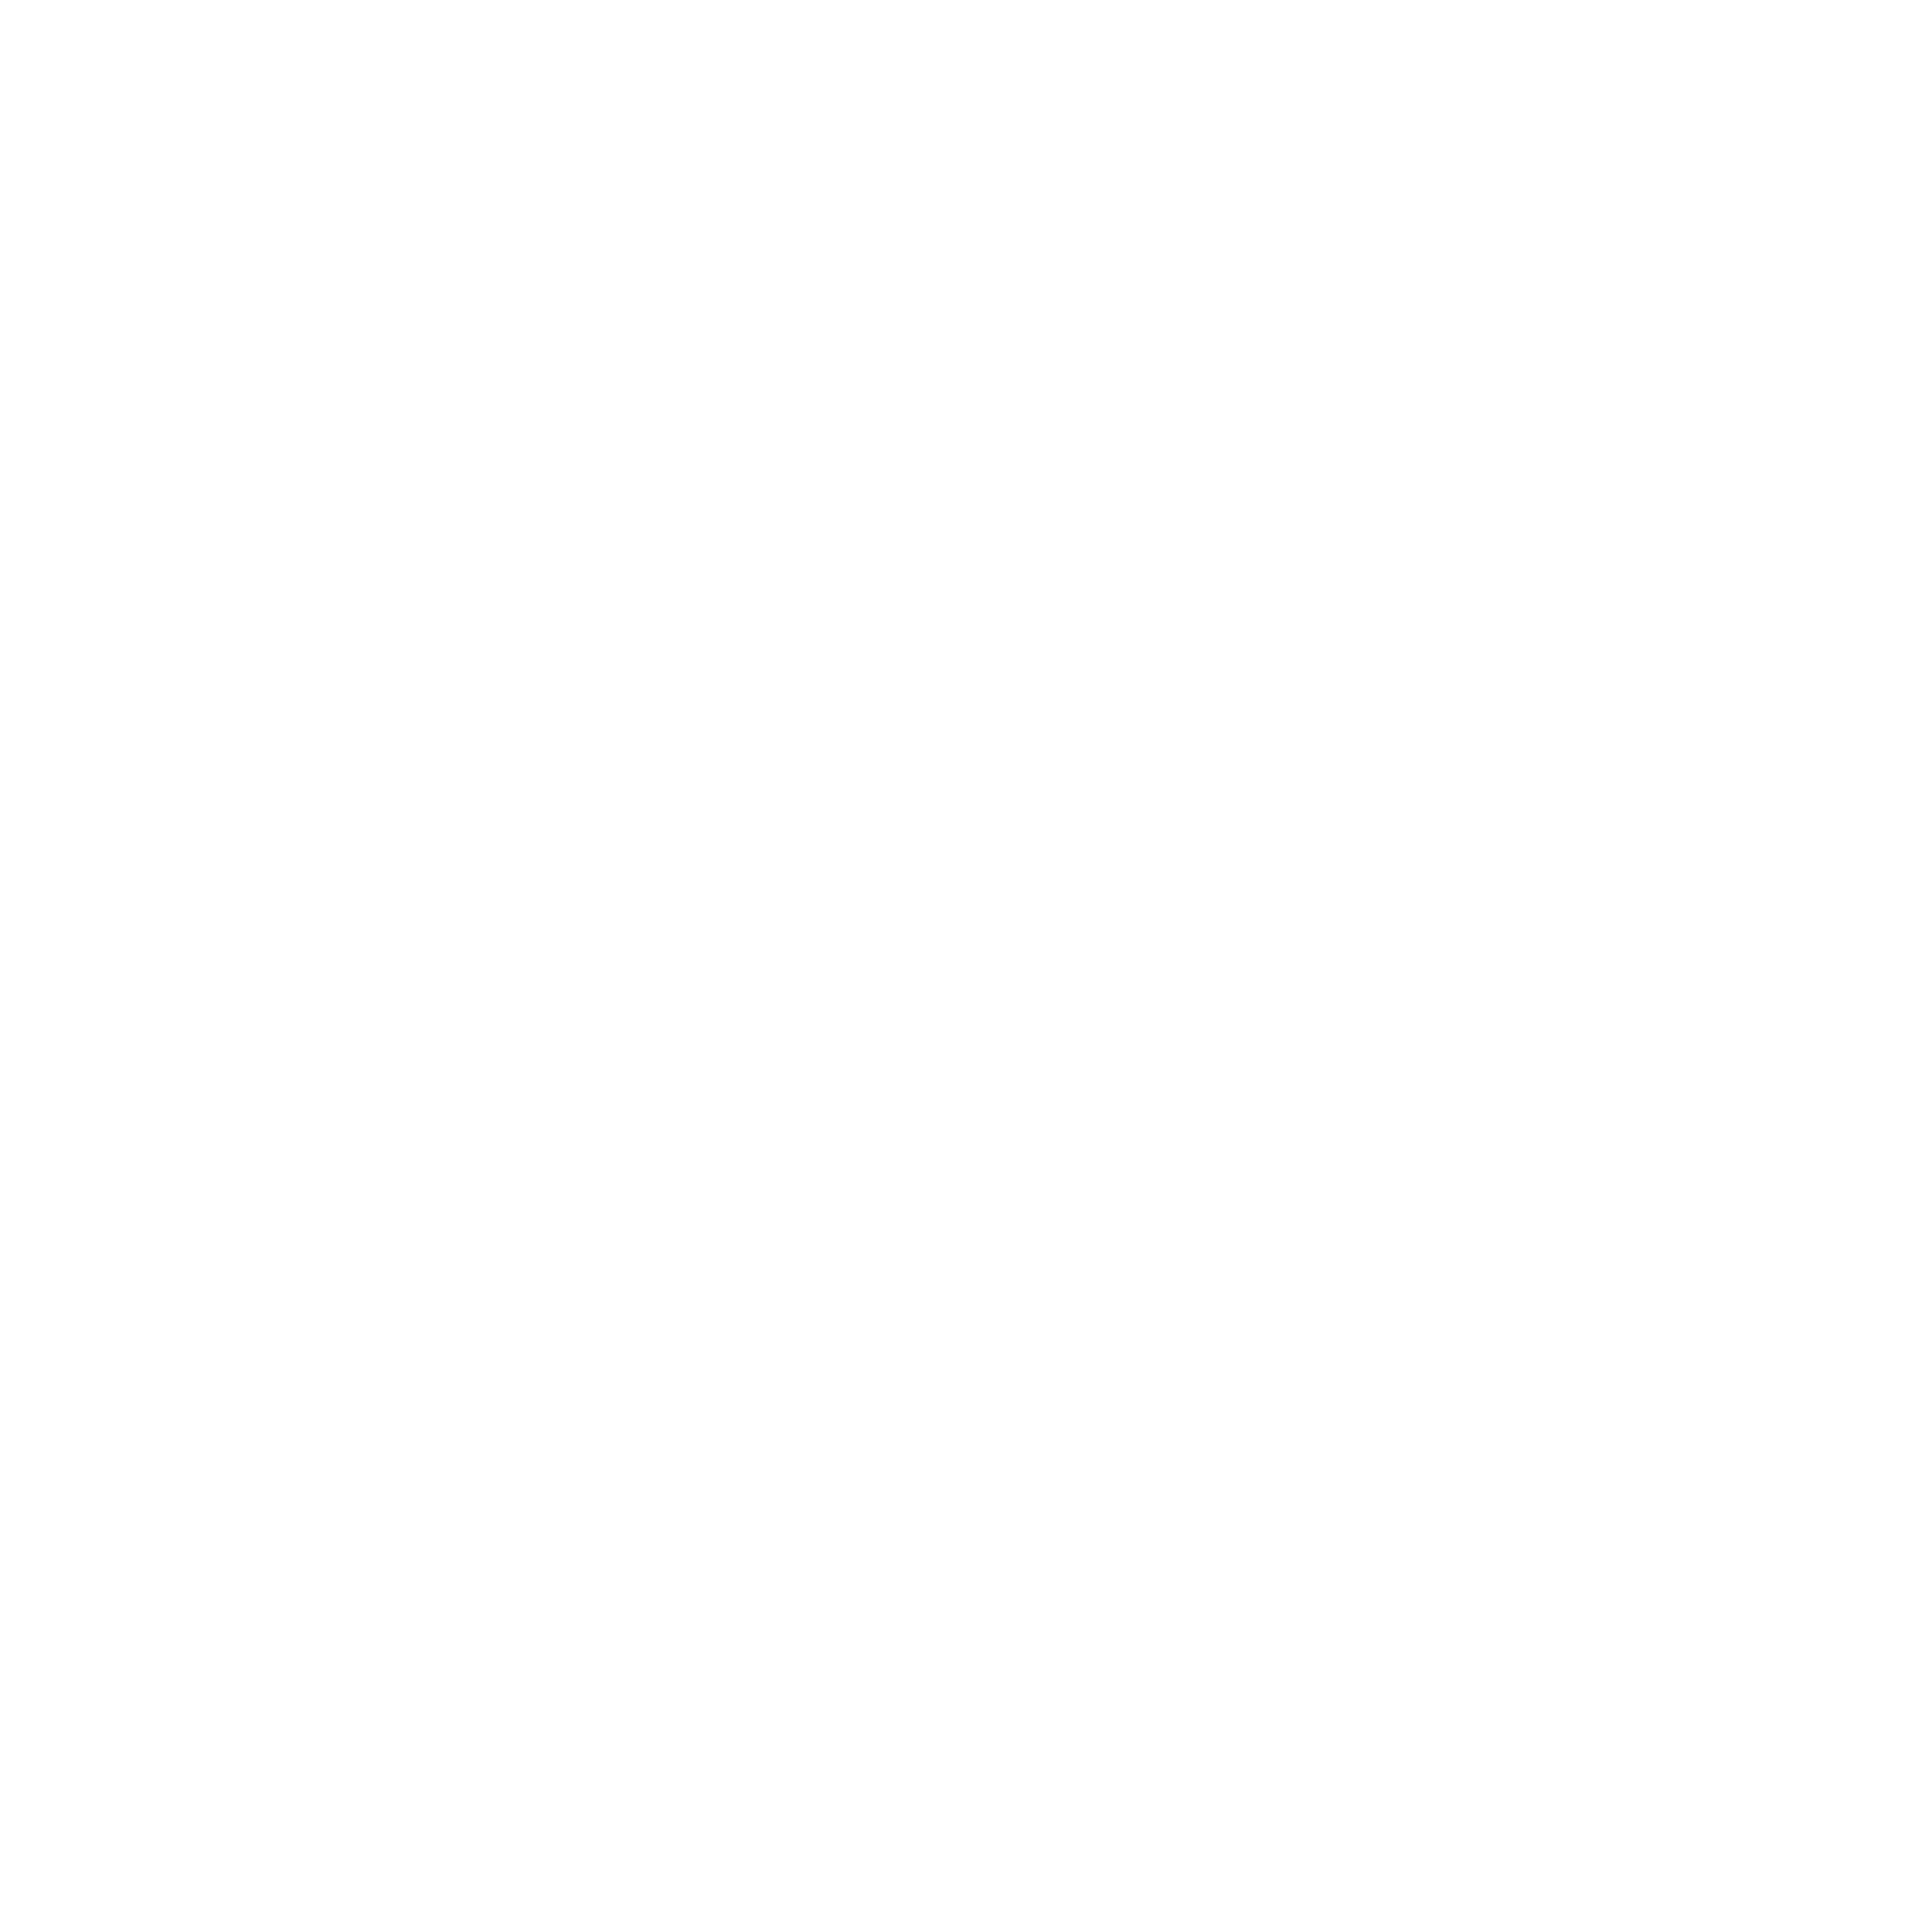 Graft-Brandlab-Diagram-w_Zeichenfläche-1